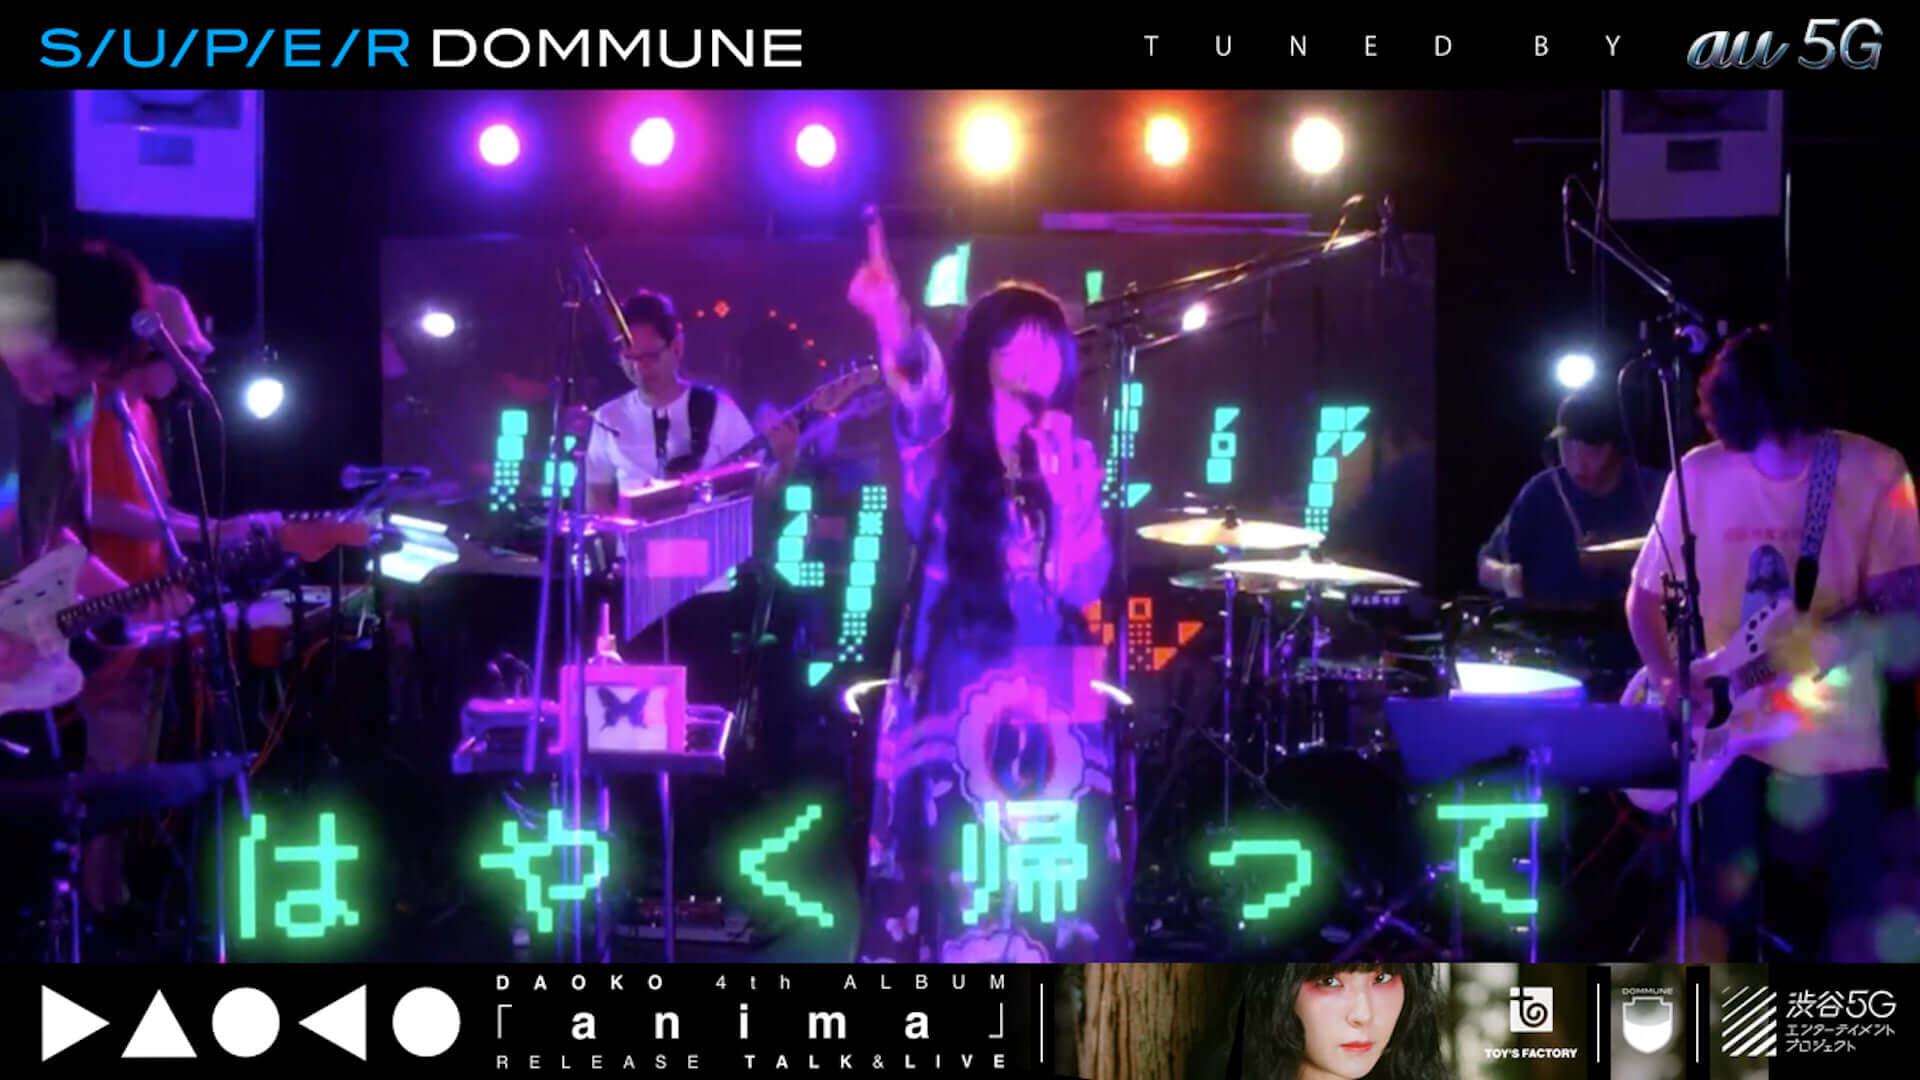 """DAOKO『anima』の世界観をテクノロジーで拡張!SUPER DOMMUNEでの最先端ARライブで見せた""""新しい生活様式""""への挑戦 music200626_super_dommune_11-1920x1080"""